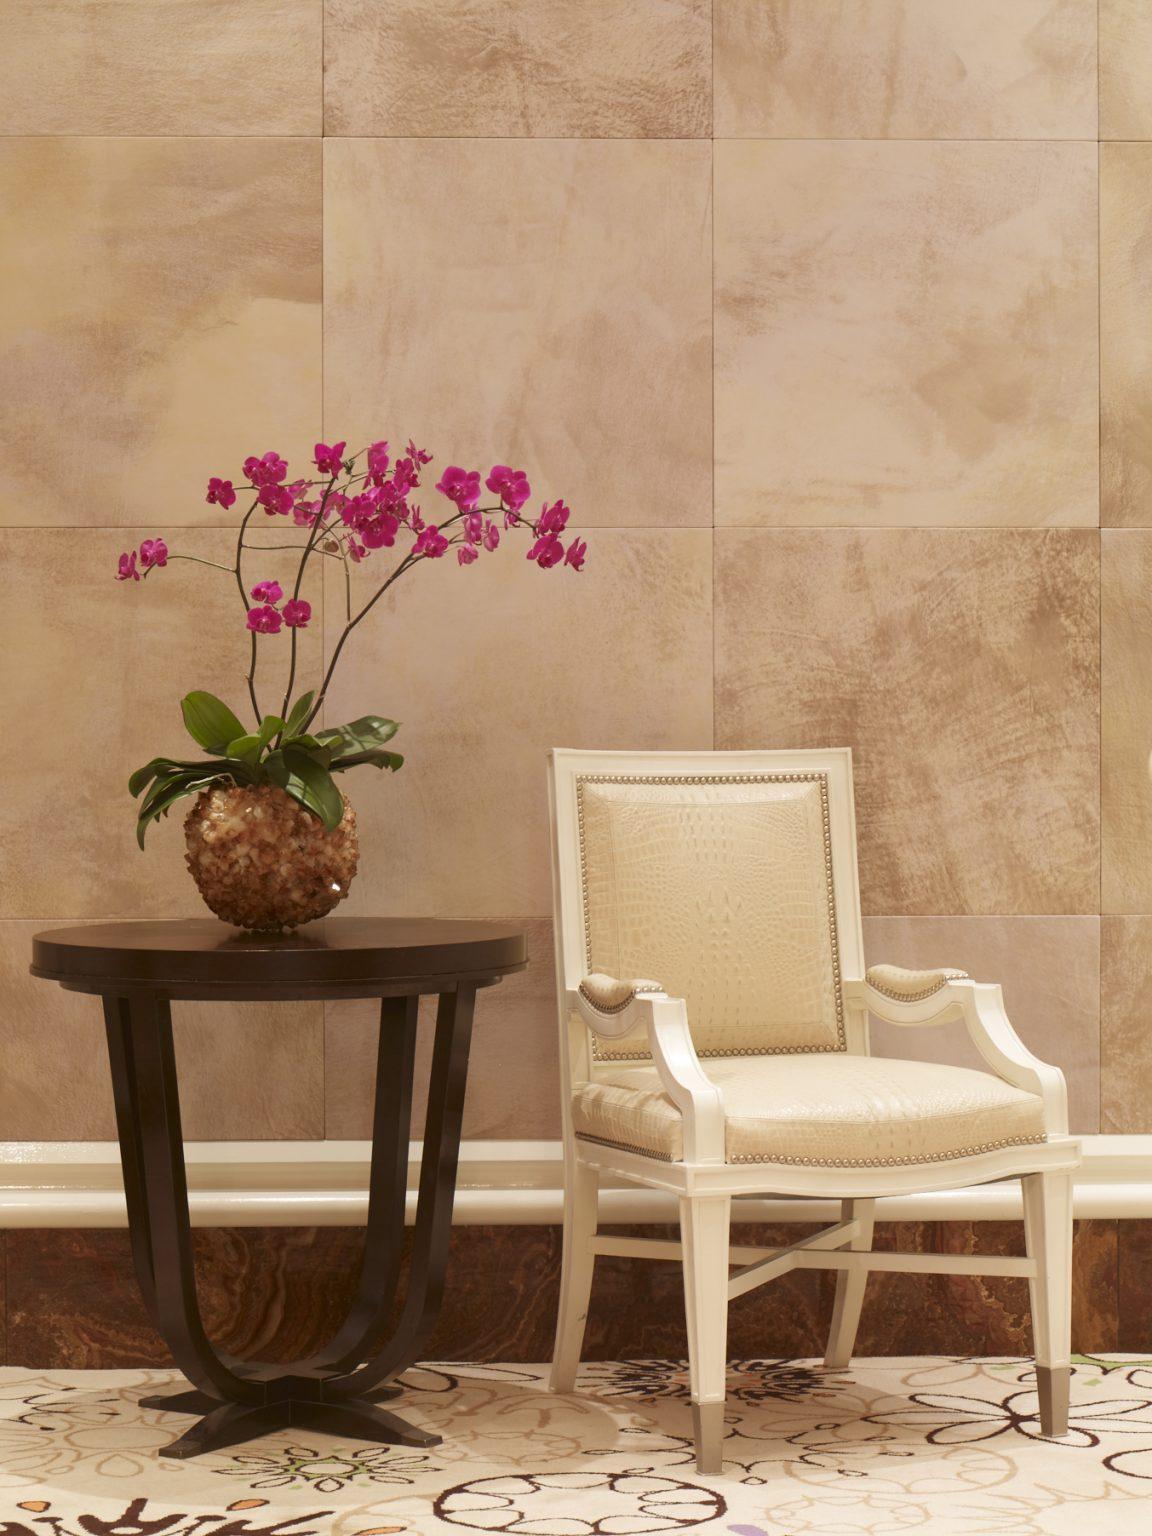 Wynn Baccarat Room Tlc Rtc Faux Parchment Tiles 1 Designer Design Development Las Vegas